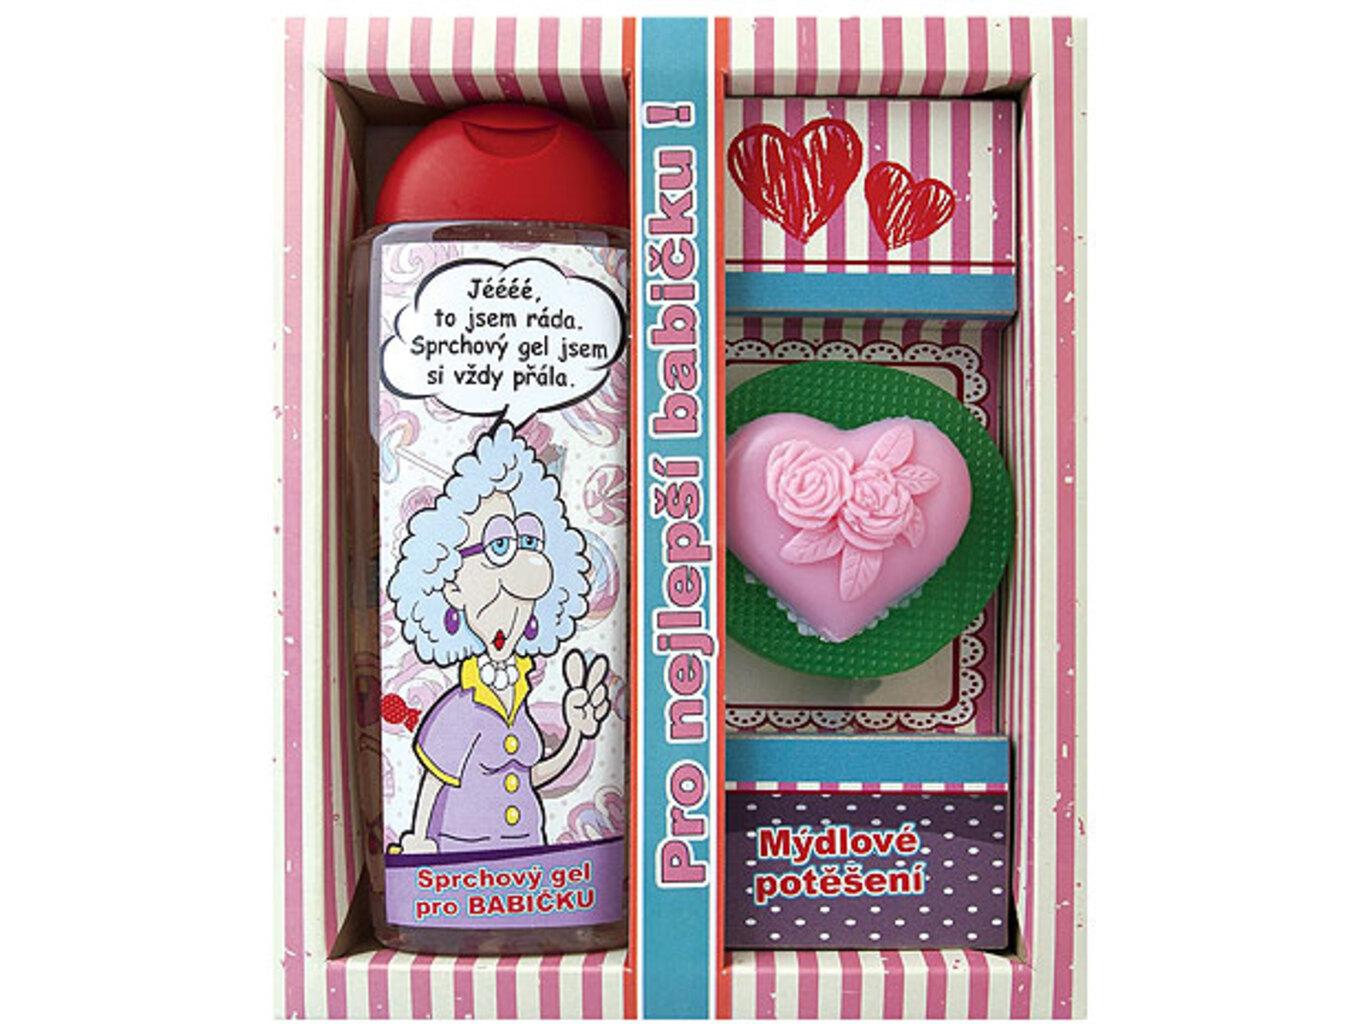 Kosmetický balíček pro babičku